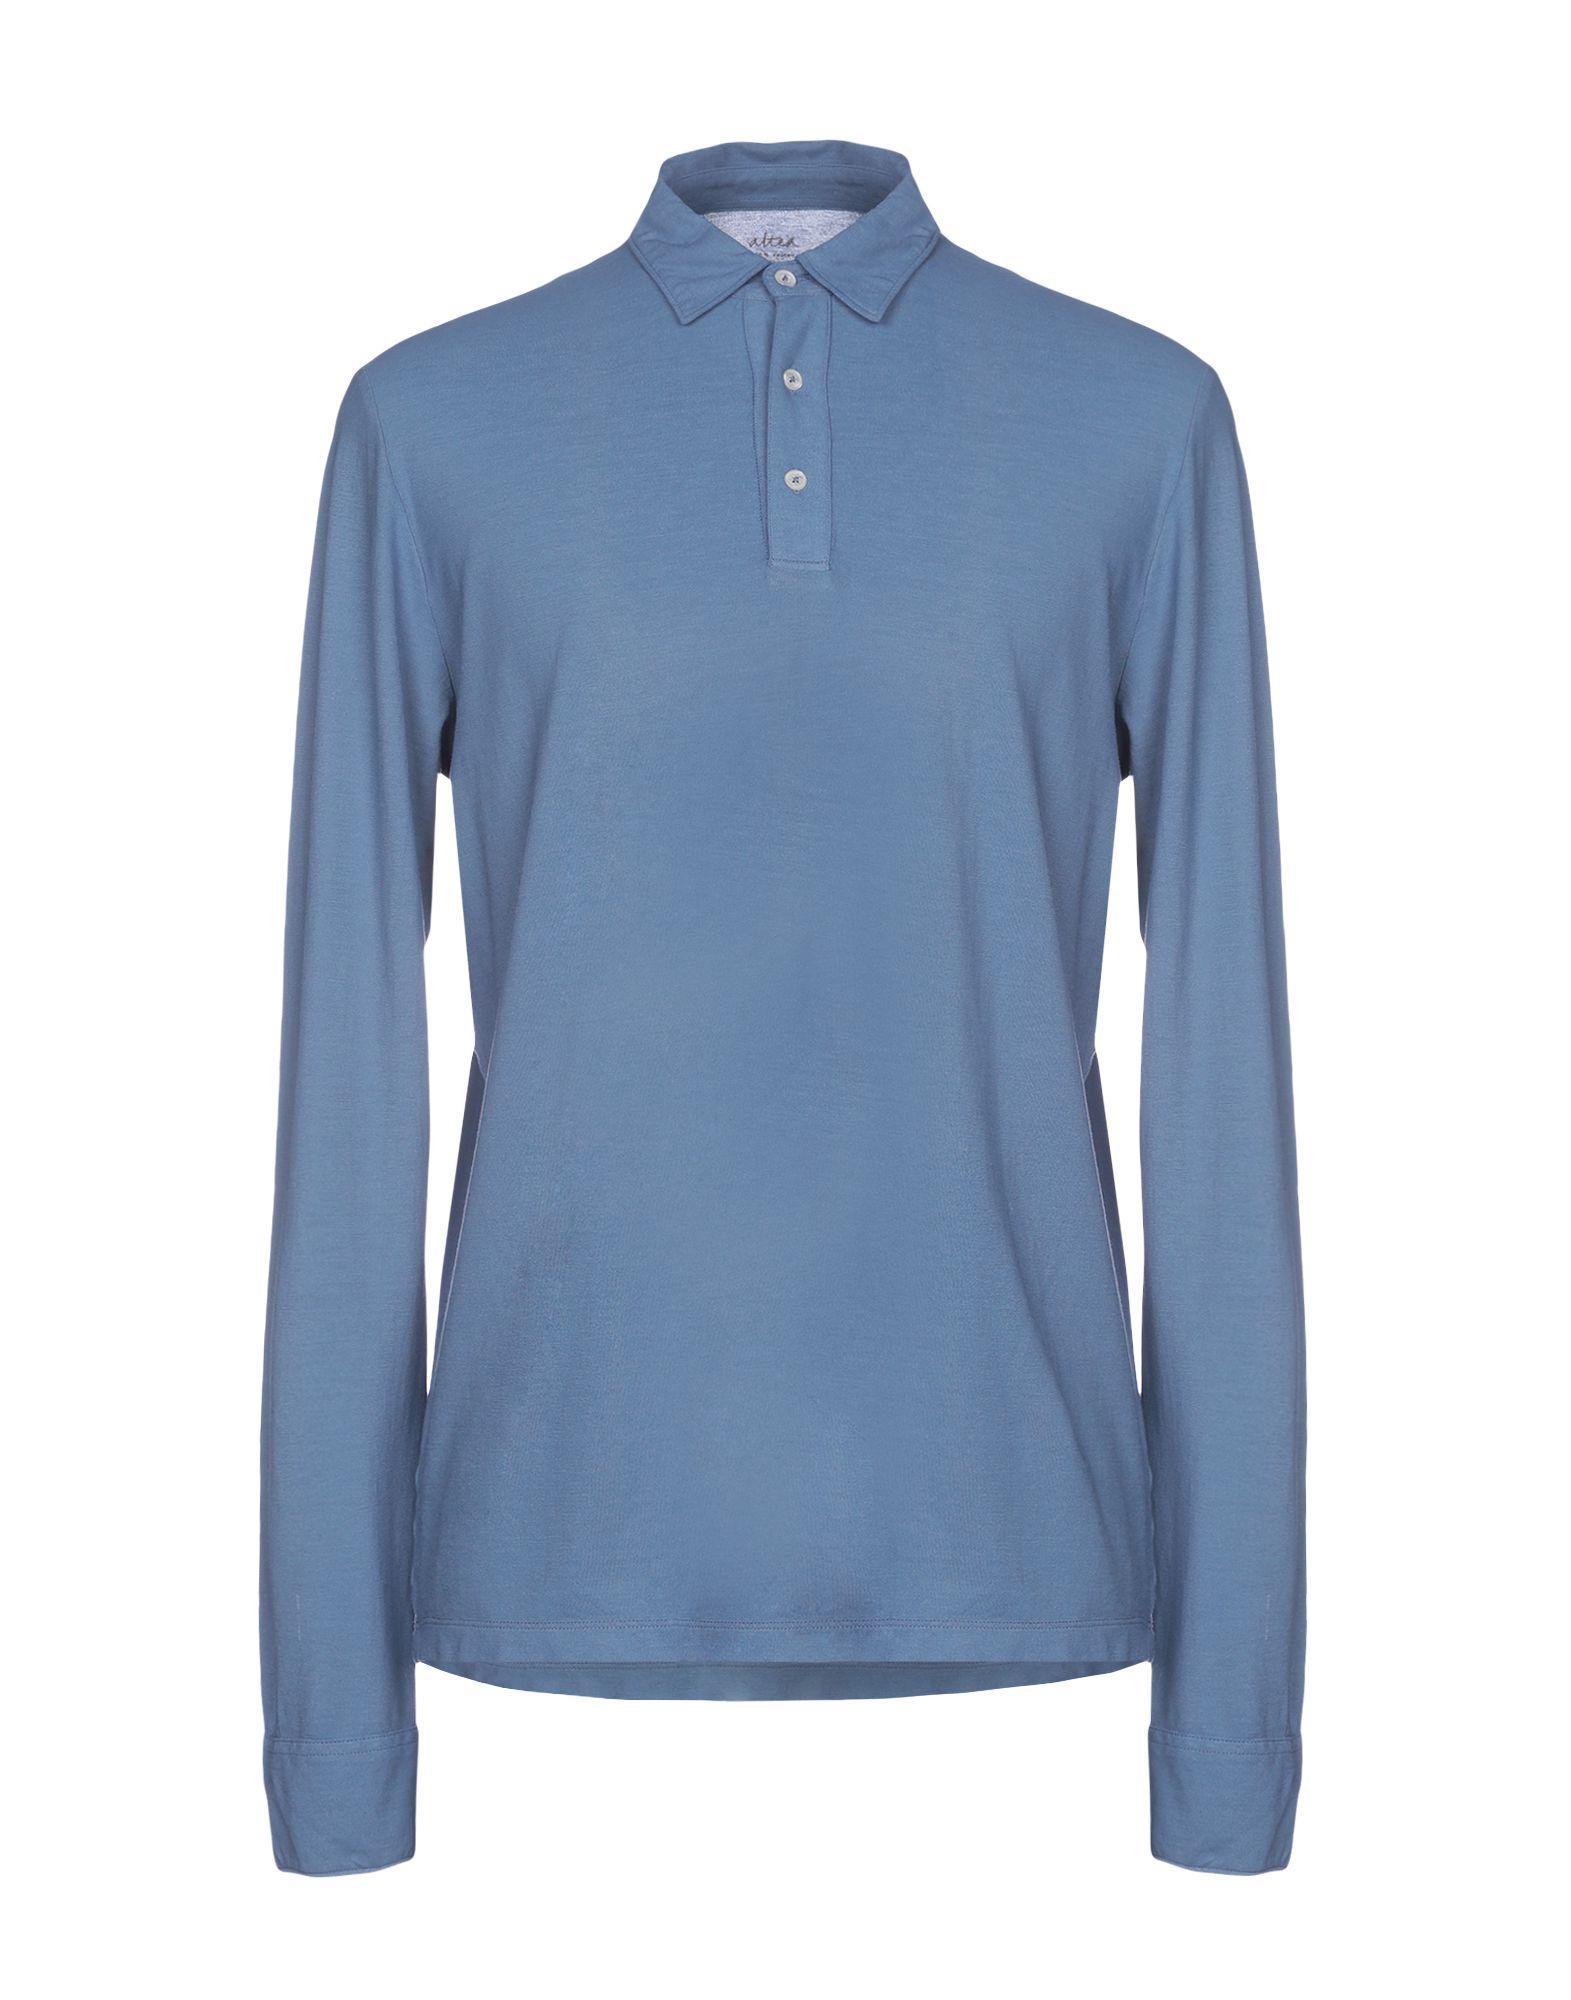 《送料無料》ALTEA メンズ ポロシャツ ブルーグレー M コットン 100%